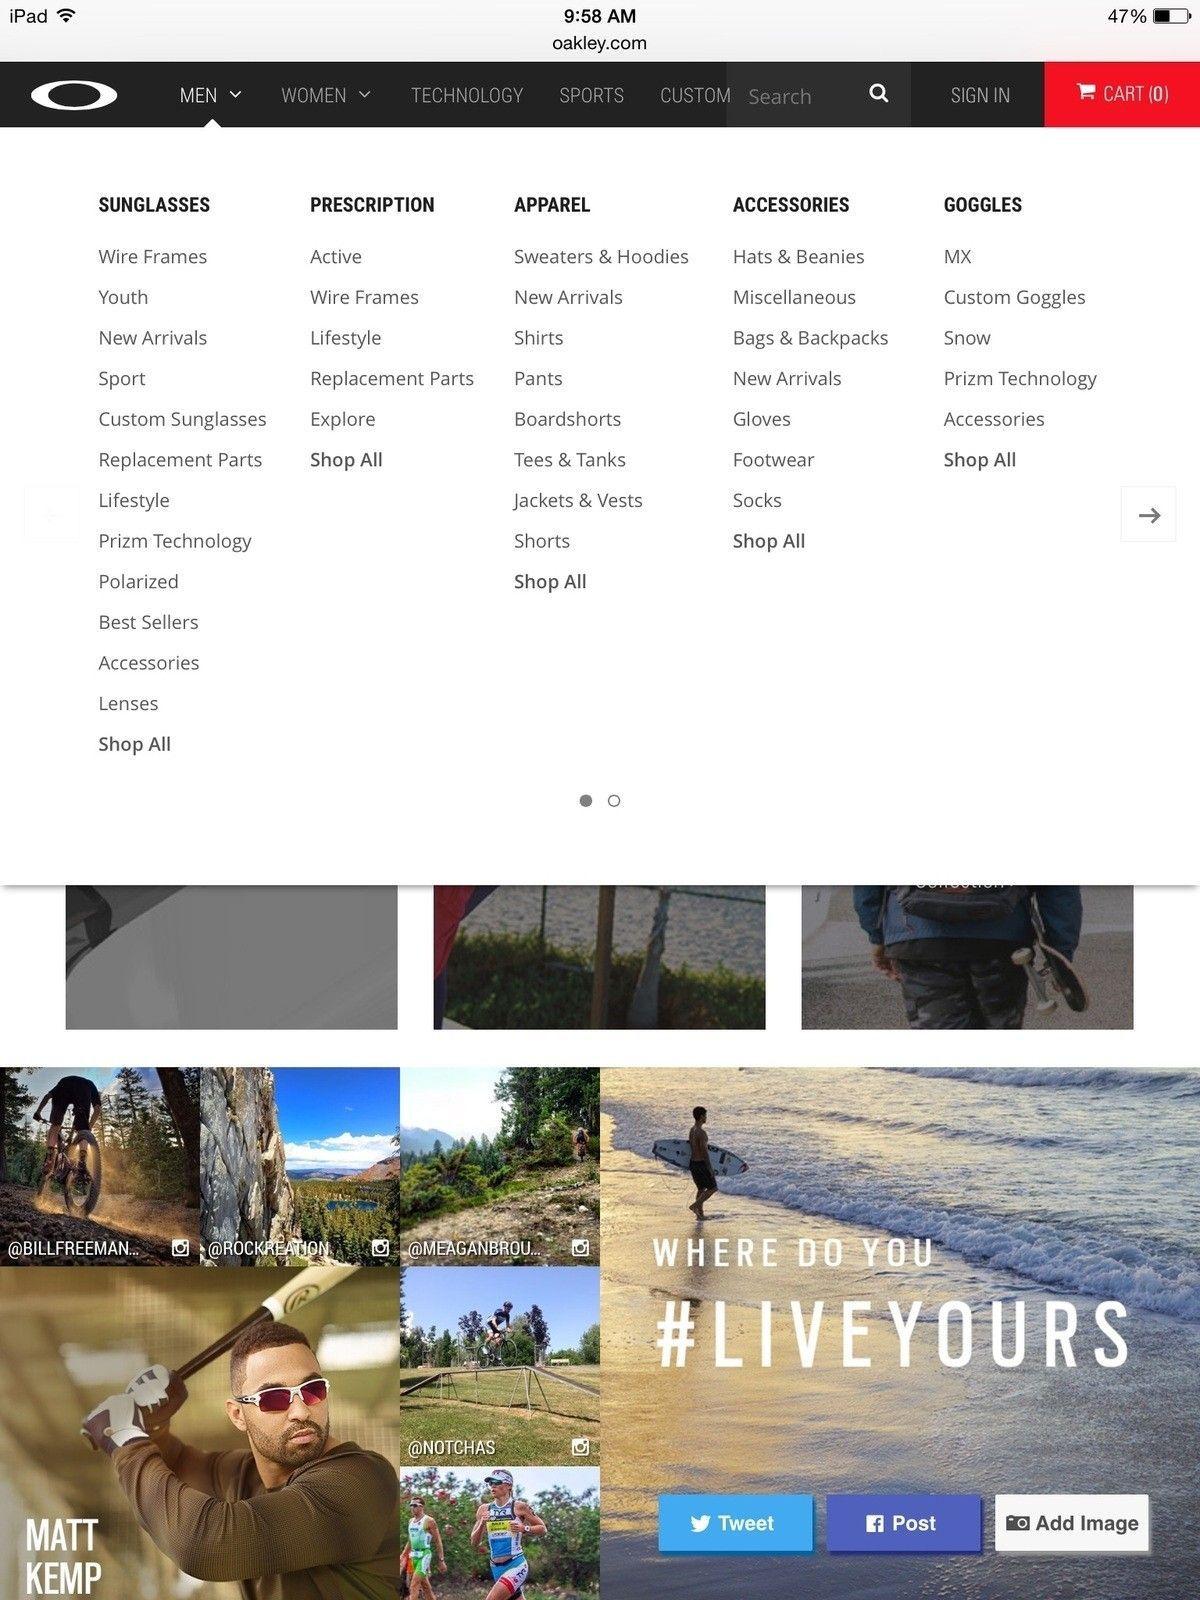 Watch option no longer on Oakley website menu - image.jpg